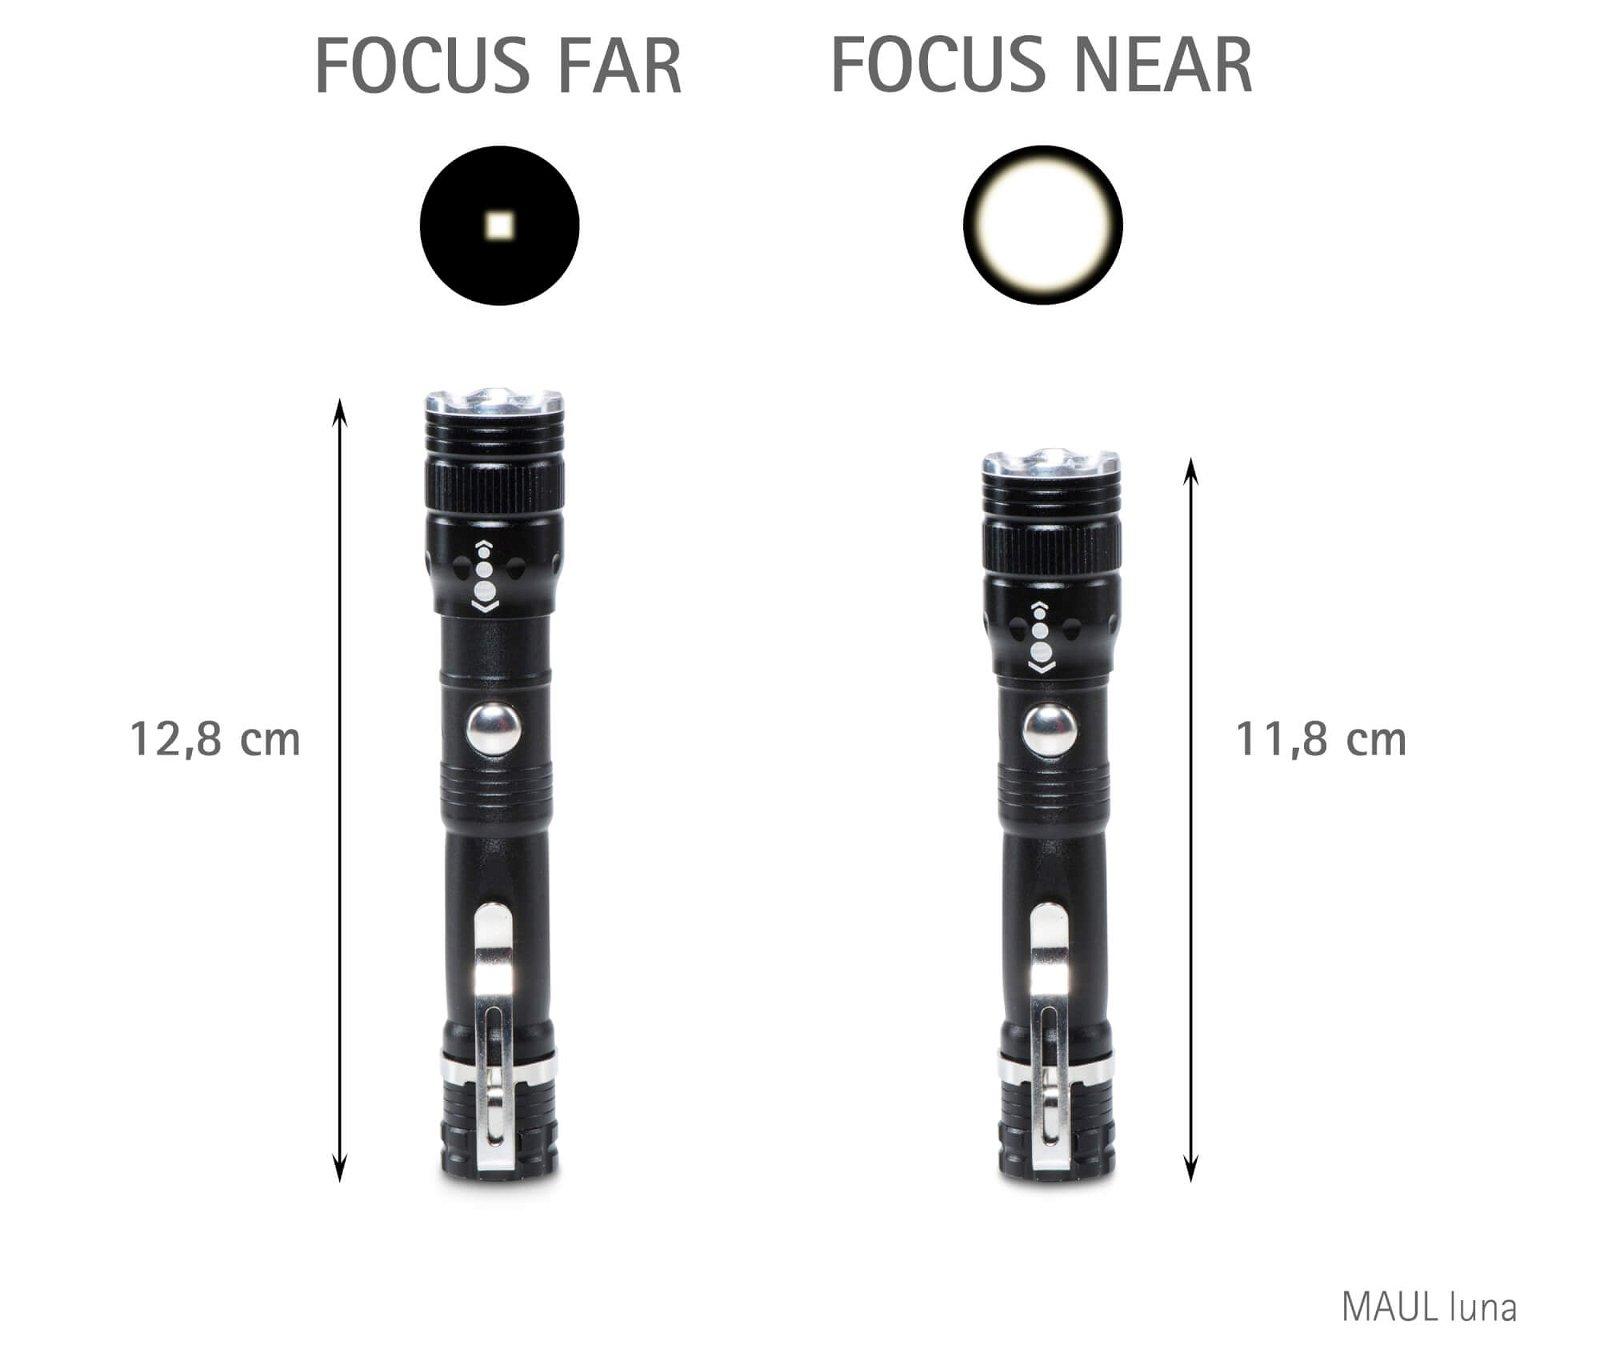 LED-Taschenlampe MAUL luna Zoom